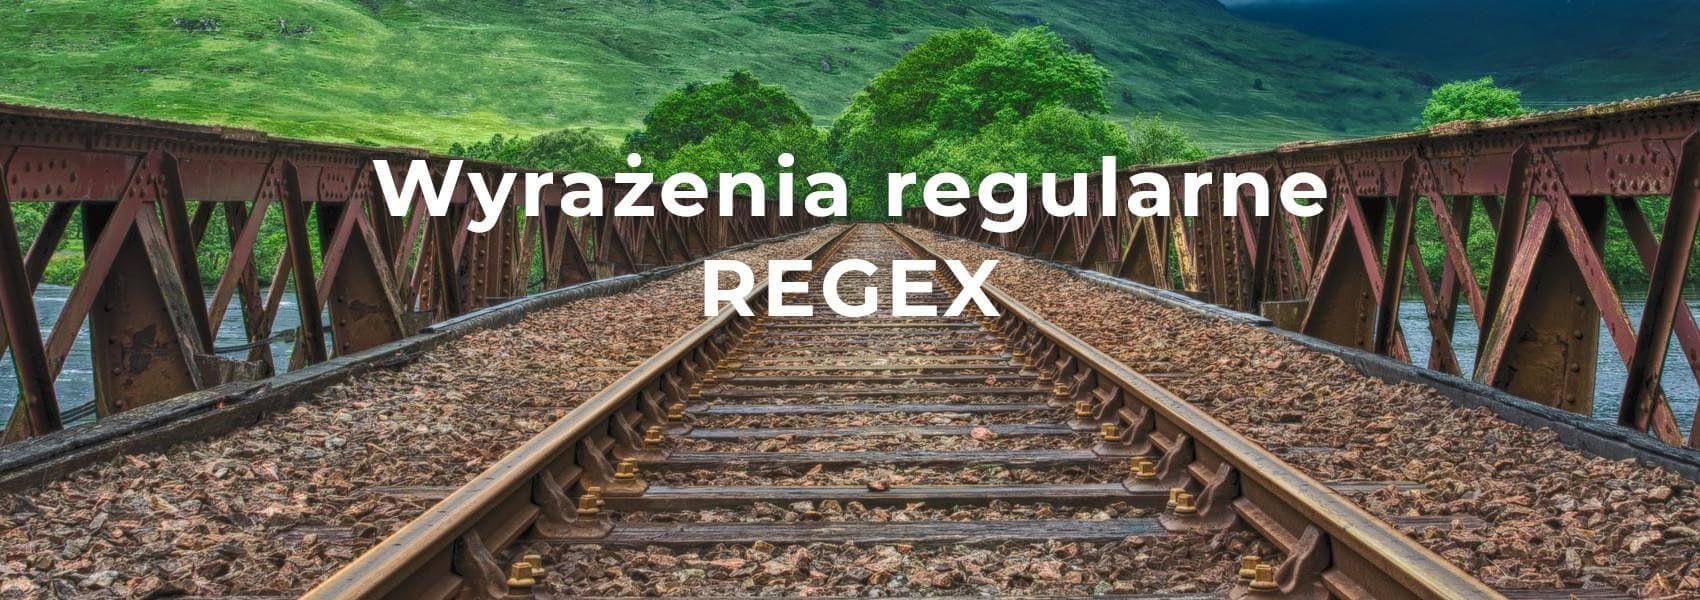 wyrażenia regularne regex